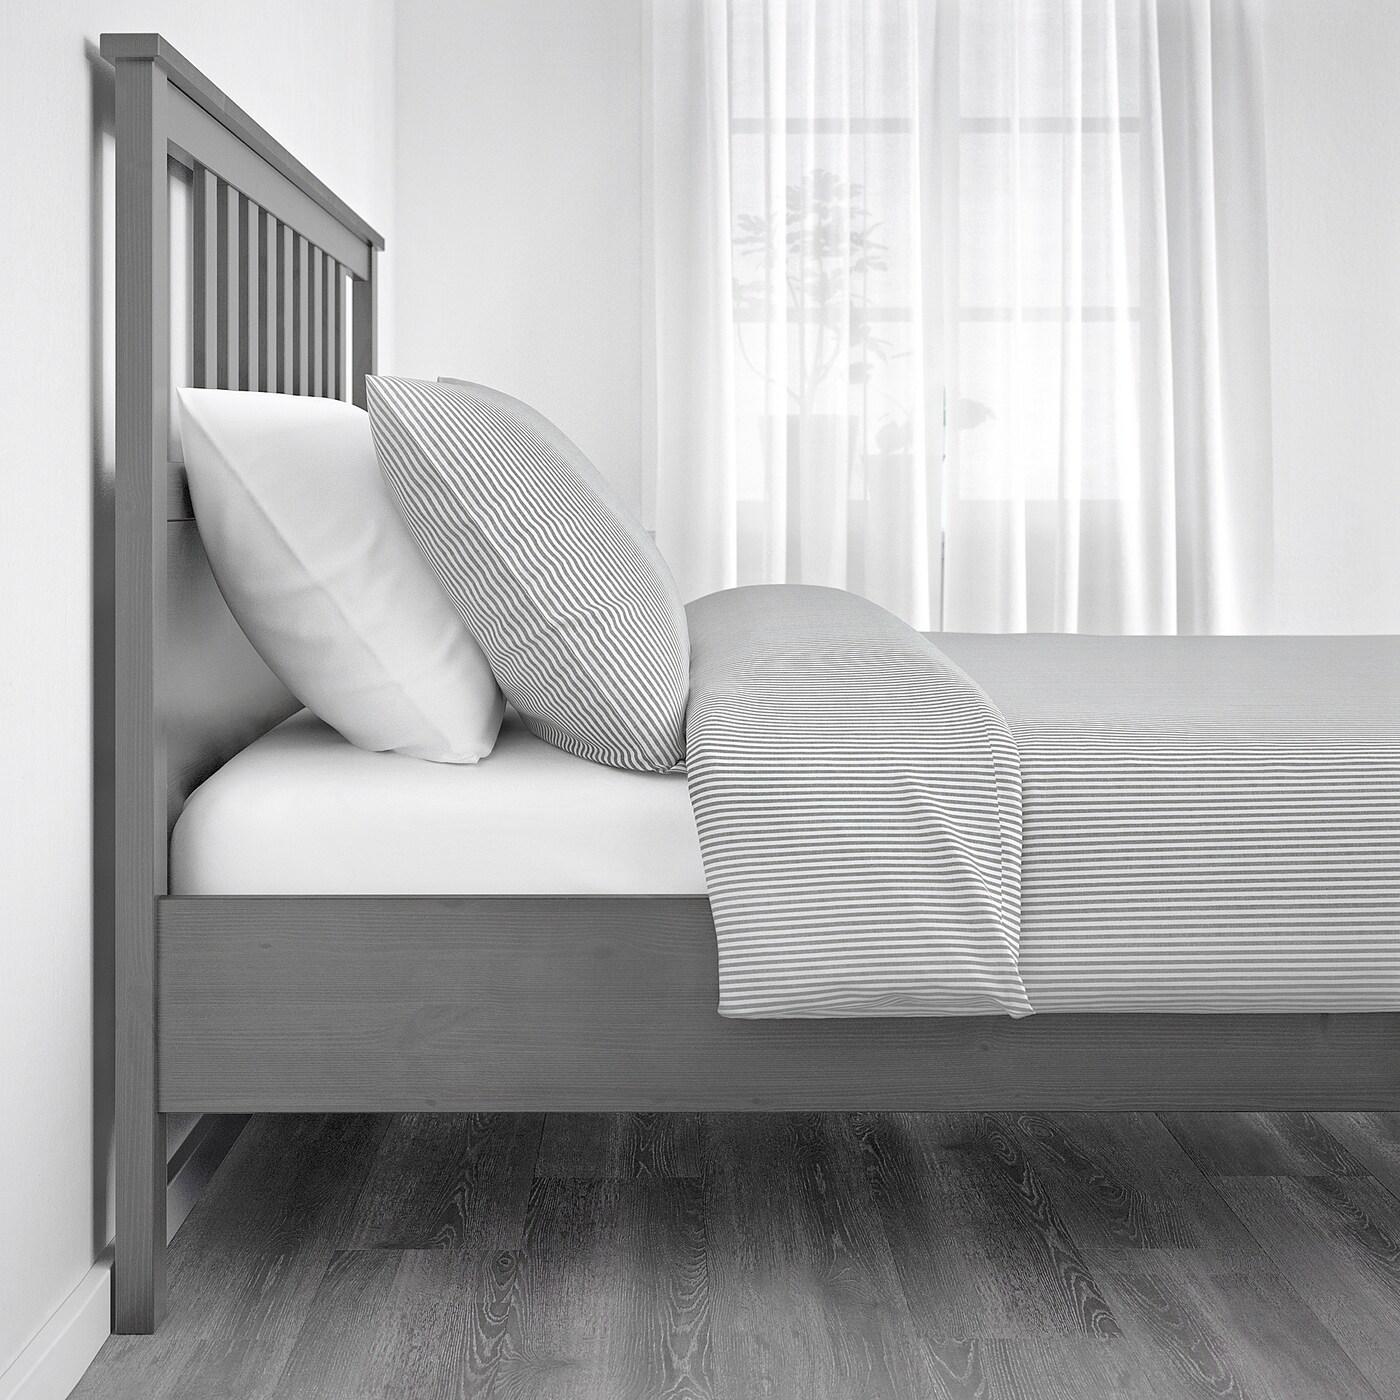 Full Size of Ikea Hemnes Bett 160x200 Grau Bettgestell Lasiert Deutschland Sitzbank 160 Schlafsofa Liegefläche Rauch Betten 180x200 120x200 Weiß Mit Schubladen Bei Wohnzimmer Ikea Hemnes Bett 160x200 Grau